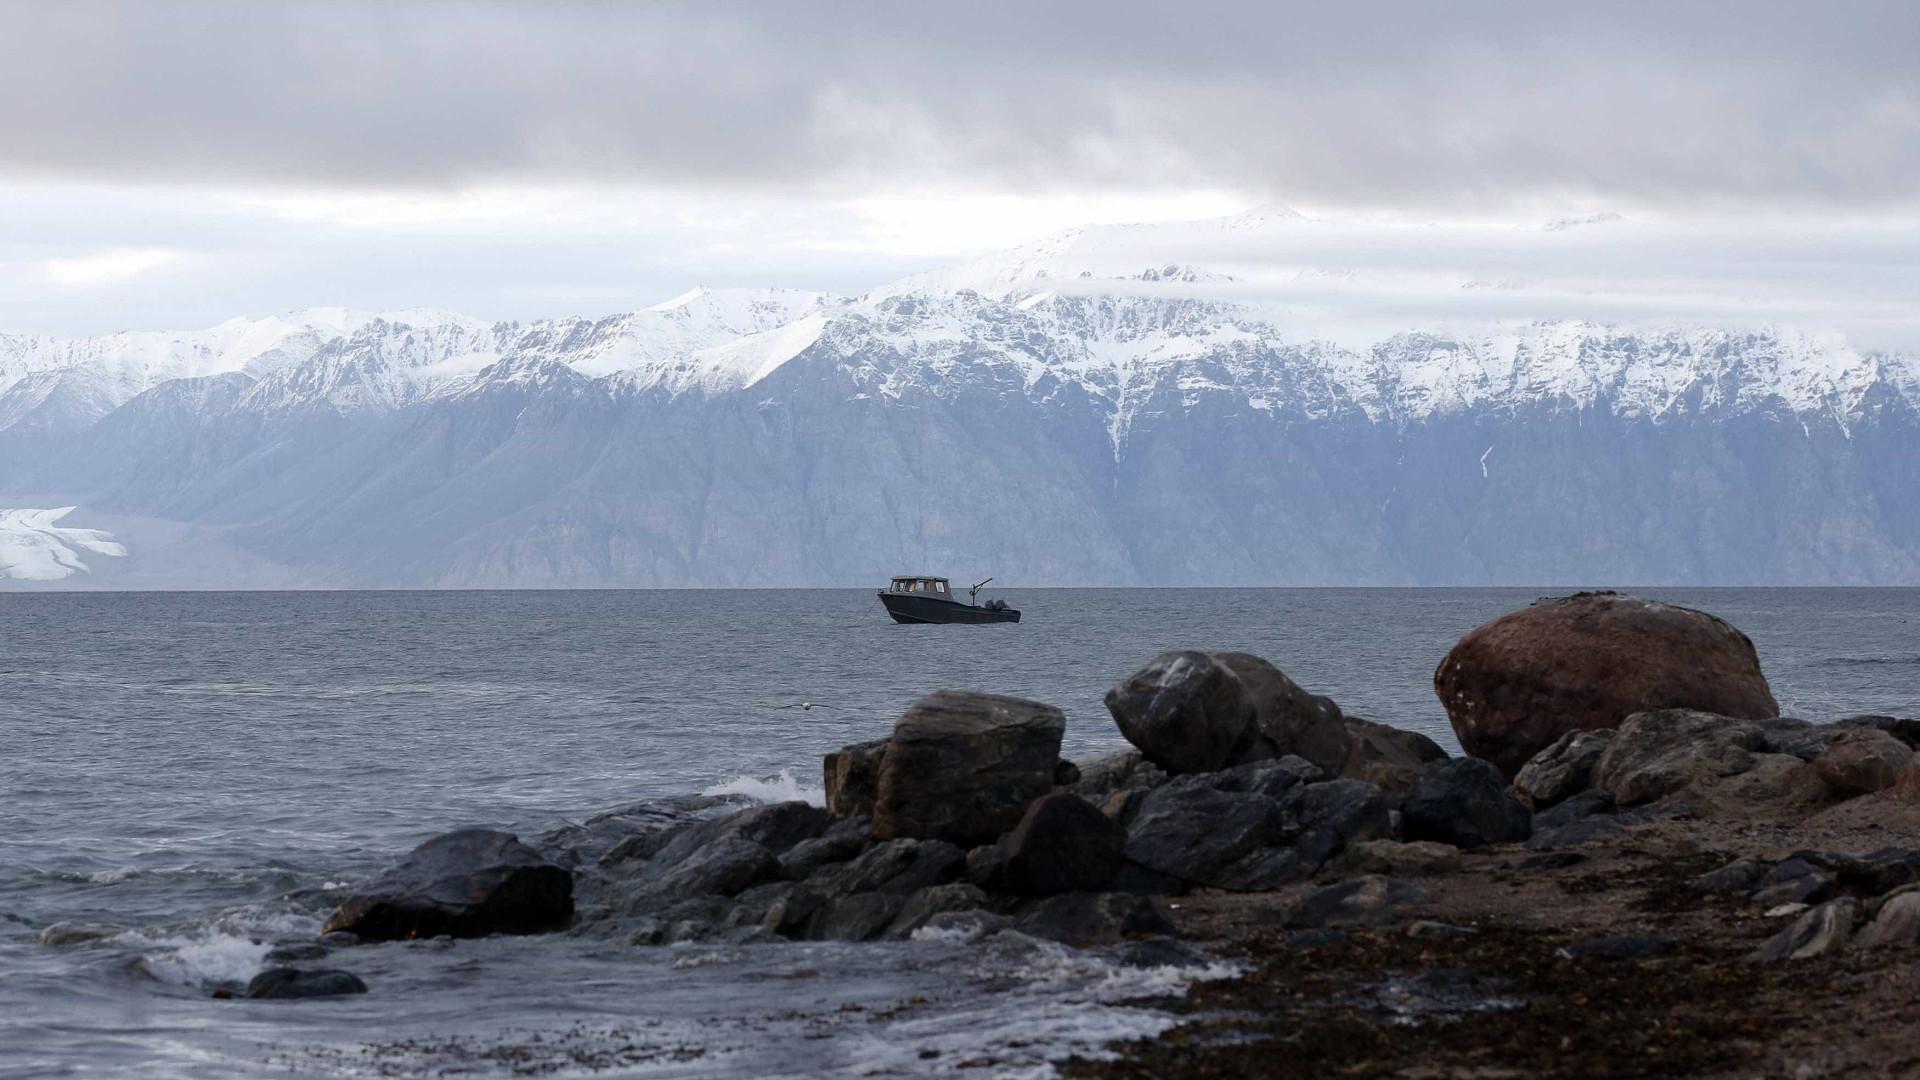 Crescimento do gelo no Ártico está em queda para esta época do ano